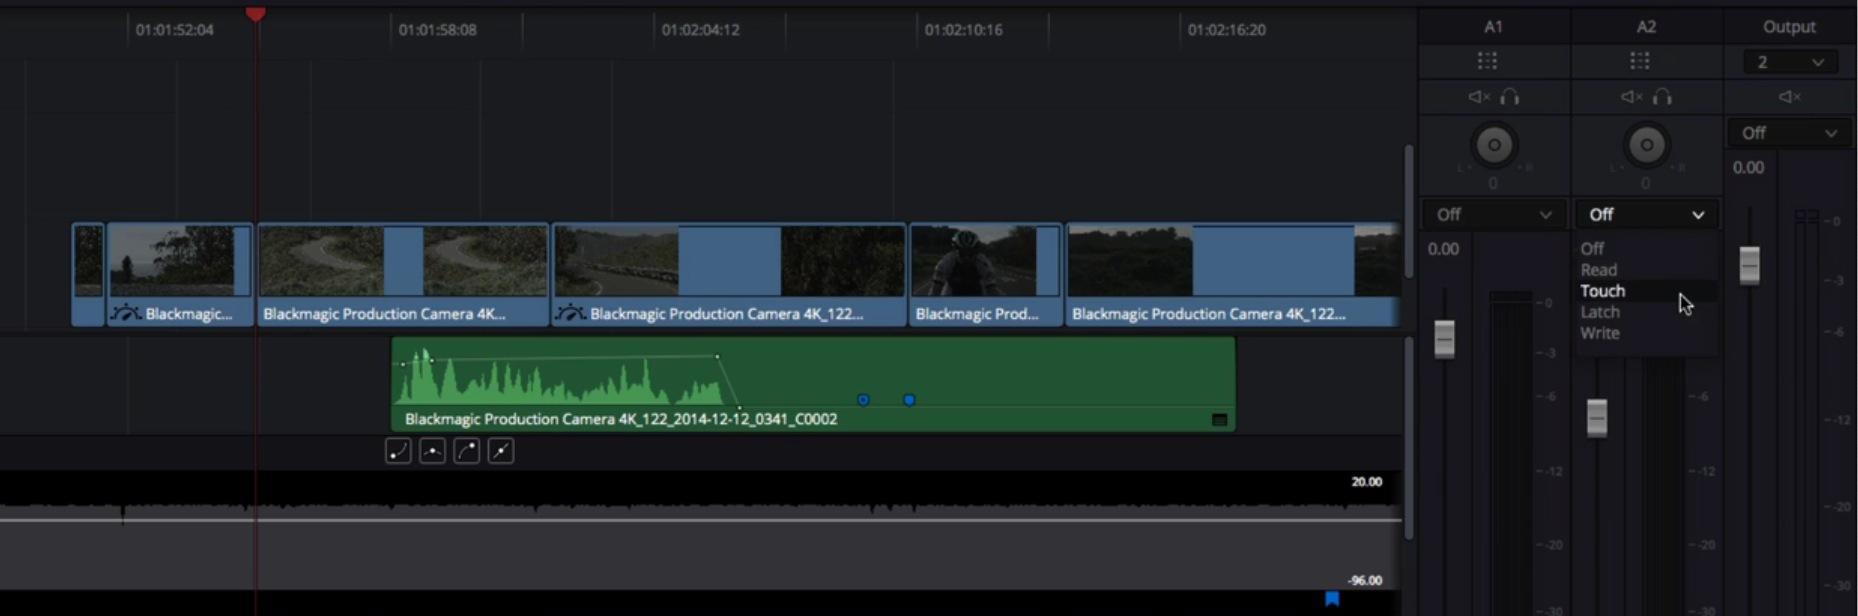 Enregistrement des points clefs son durant la lecture des clips.